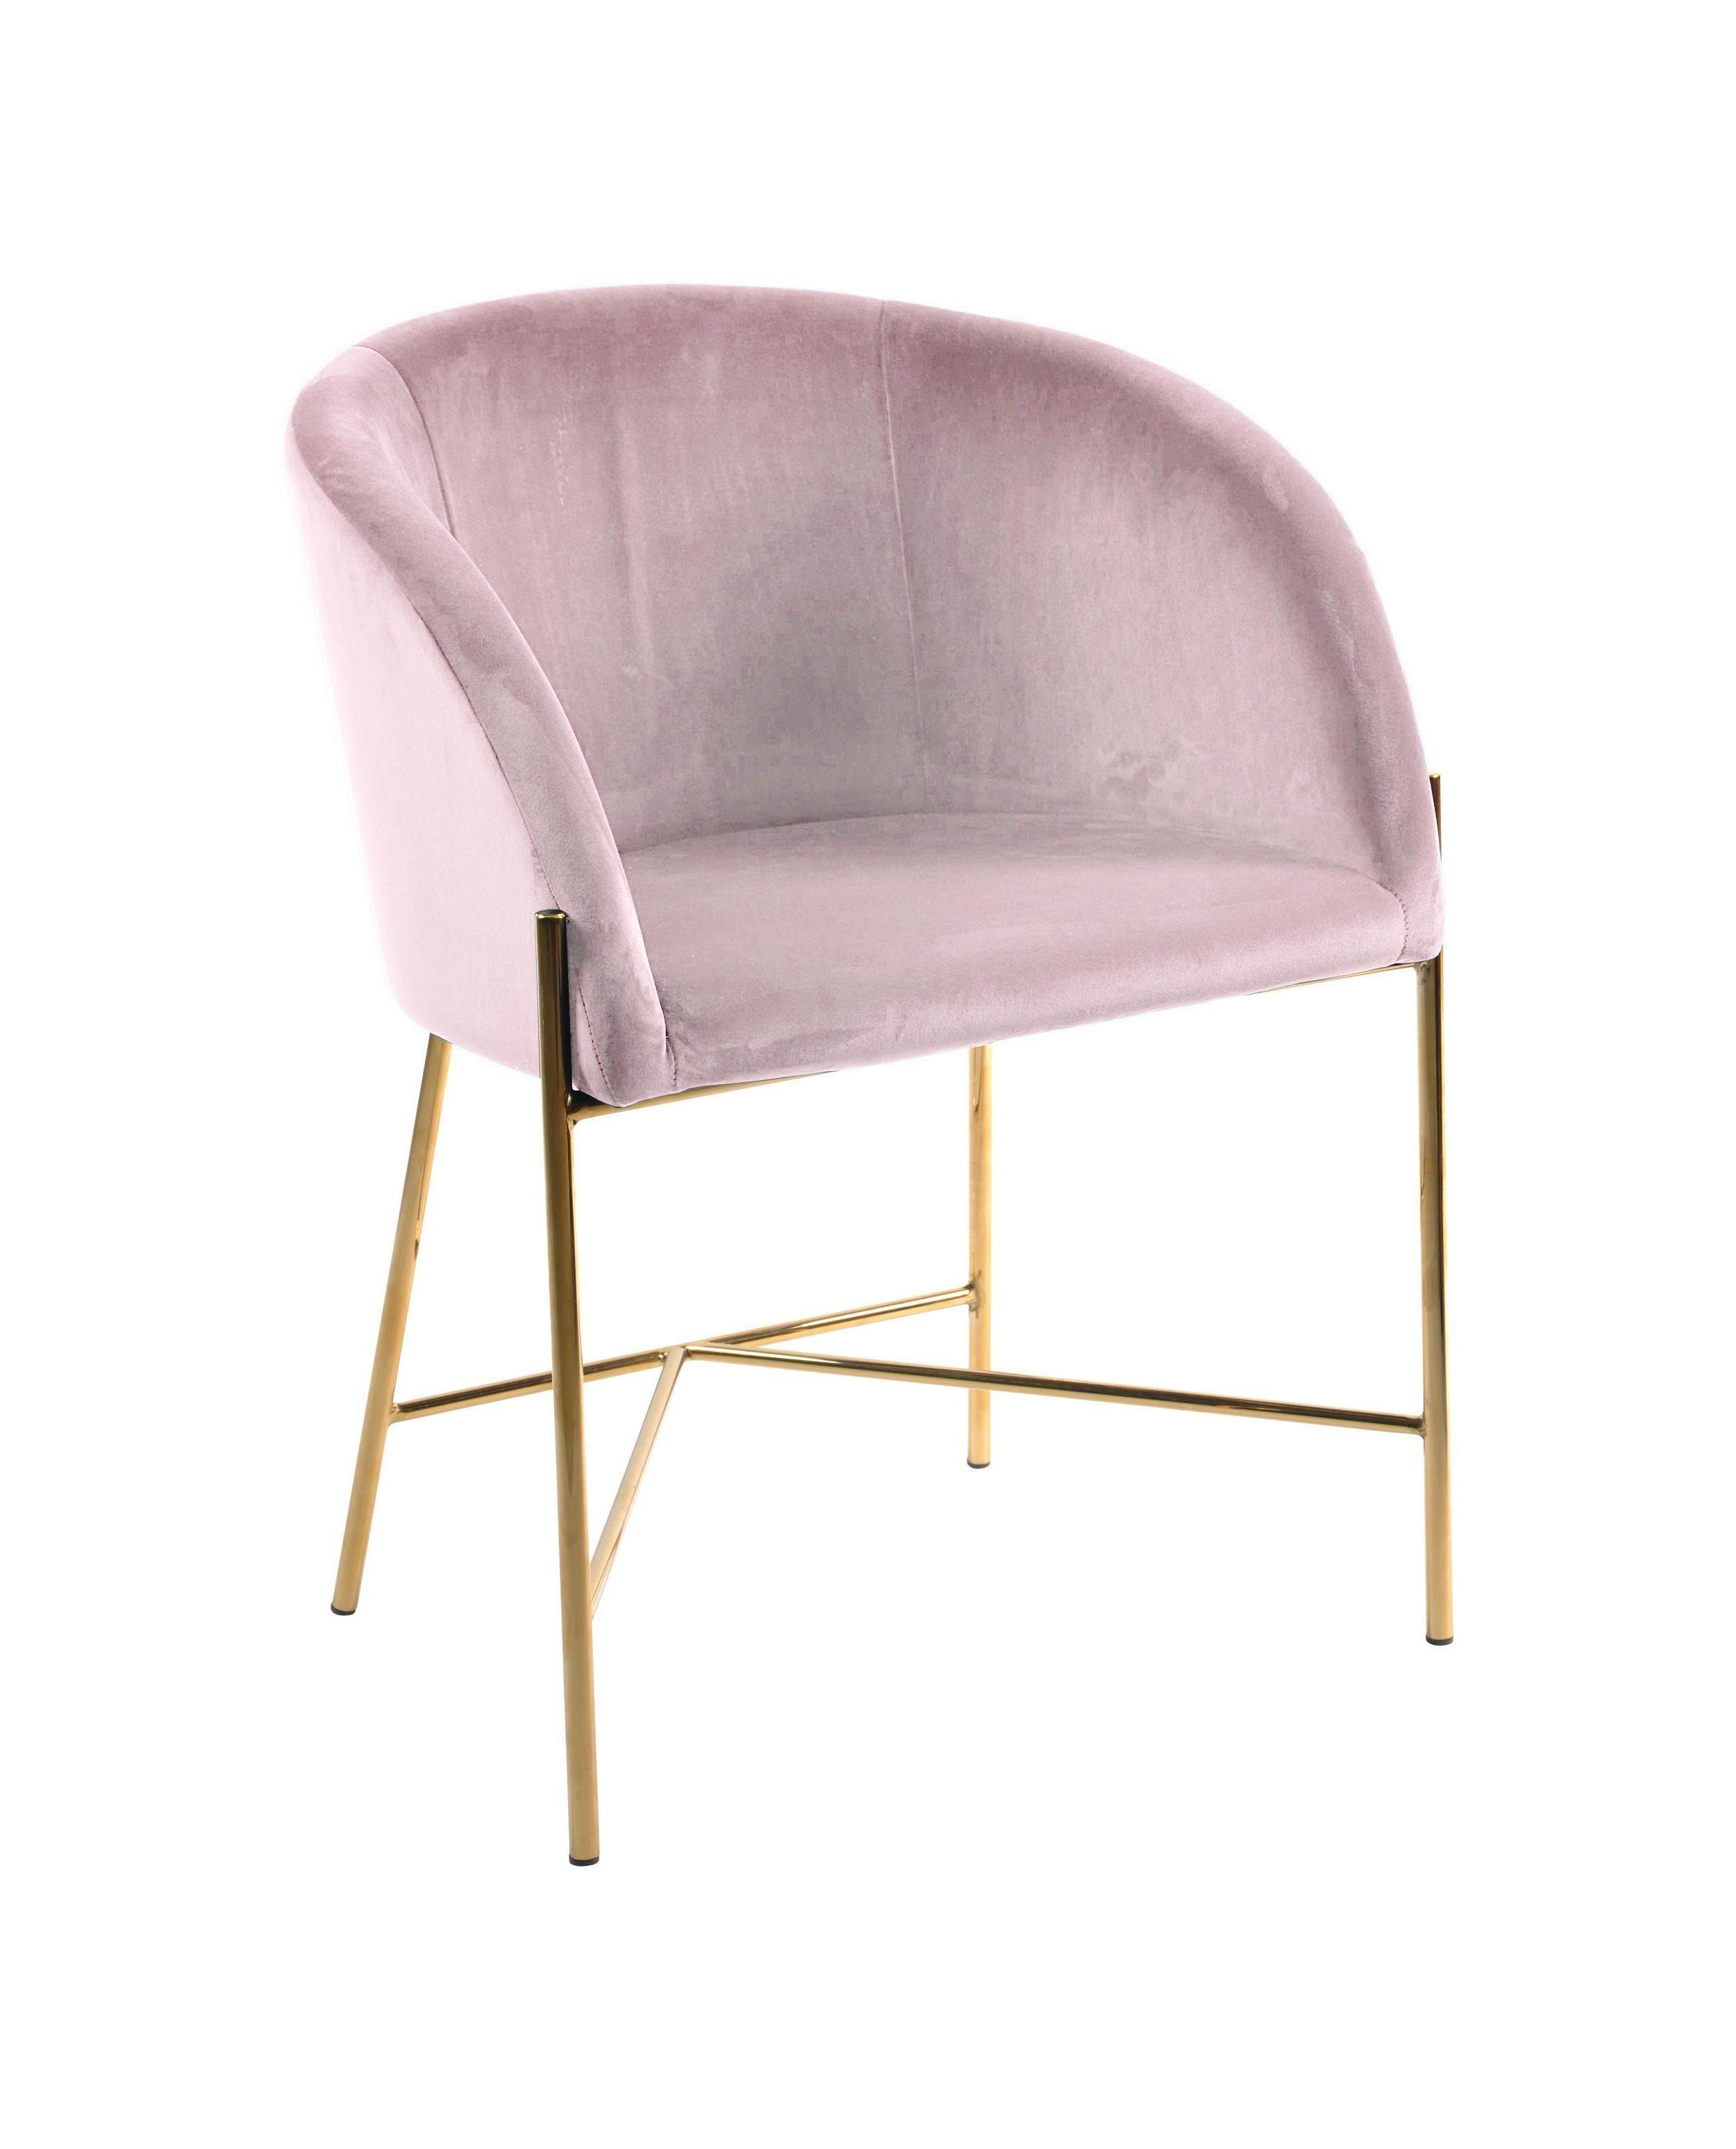 Tipps Fur Die Dekoration Ihres Hauses Mit Einem Rosa Stuhl Stuhle Rosa Stuhle Stuhle Und Dekoration